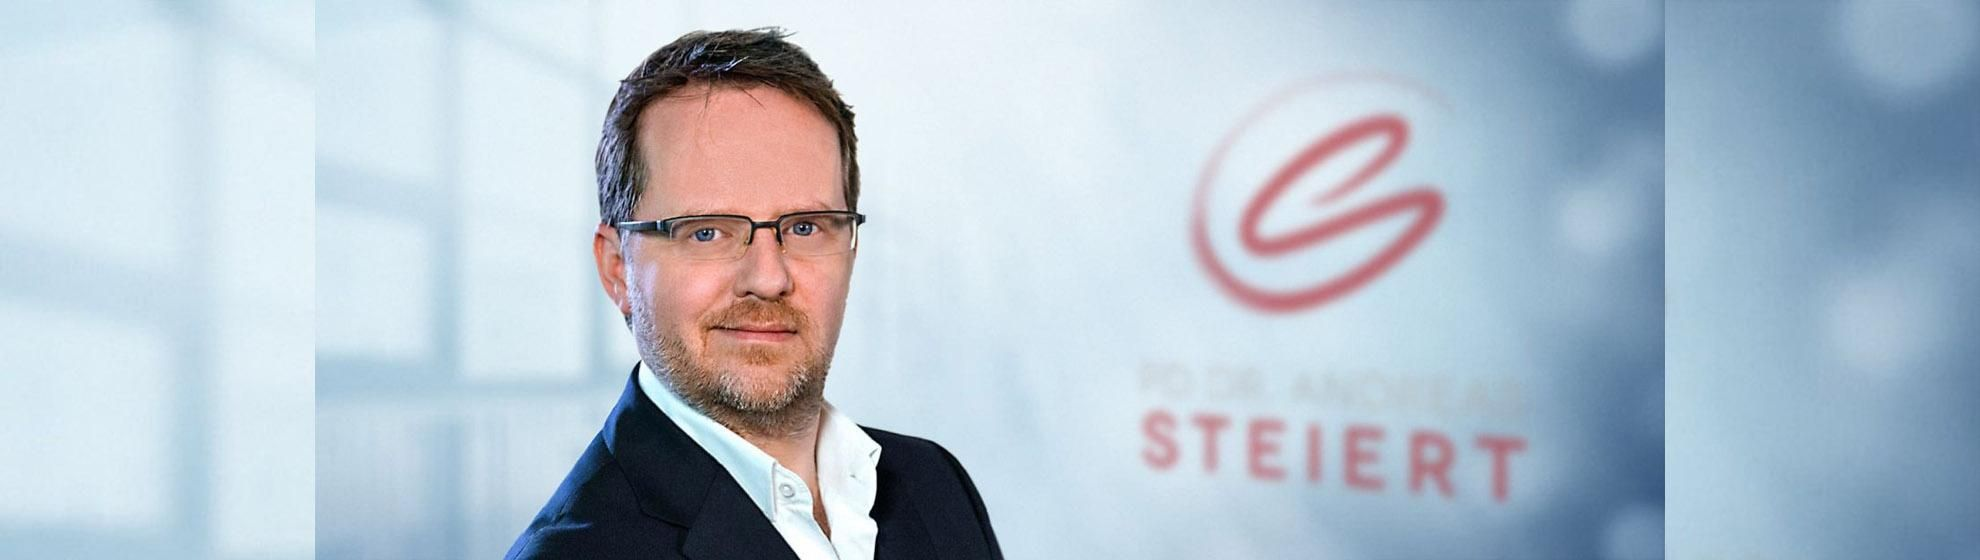 Privatdozent Dr. med. Andreas E. Steiert